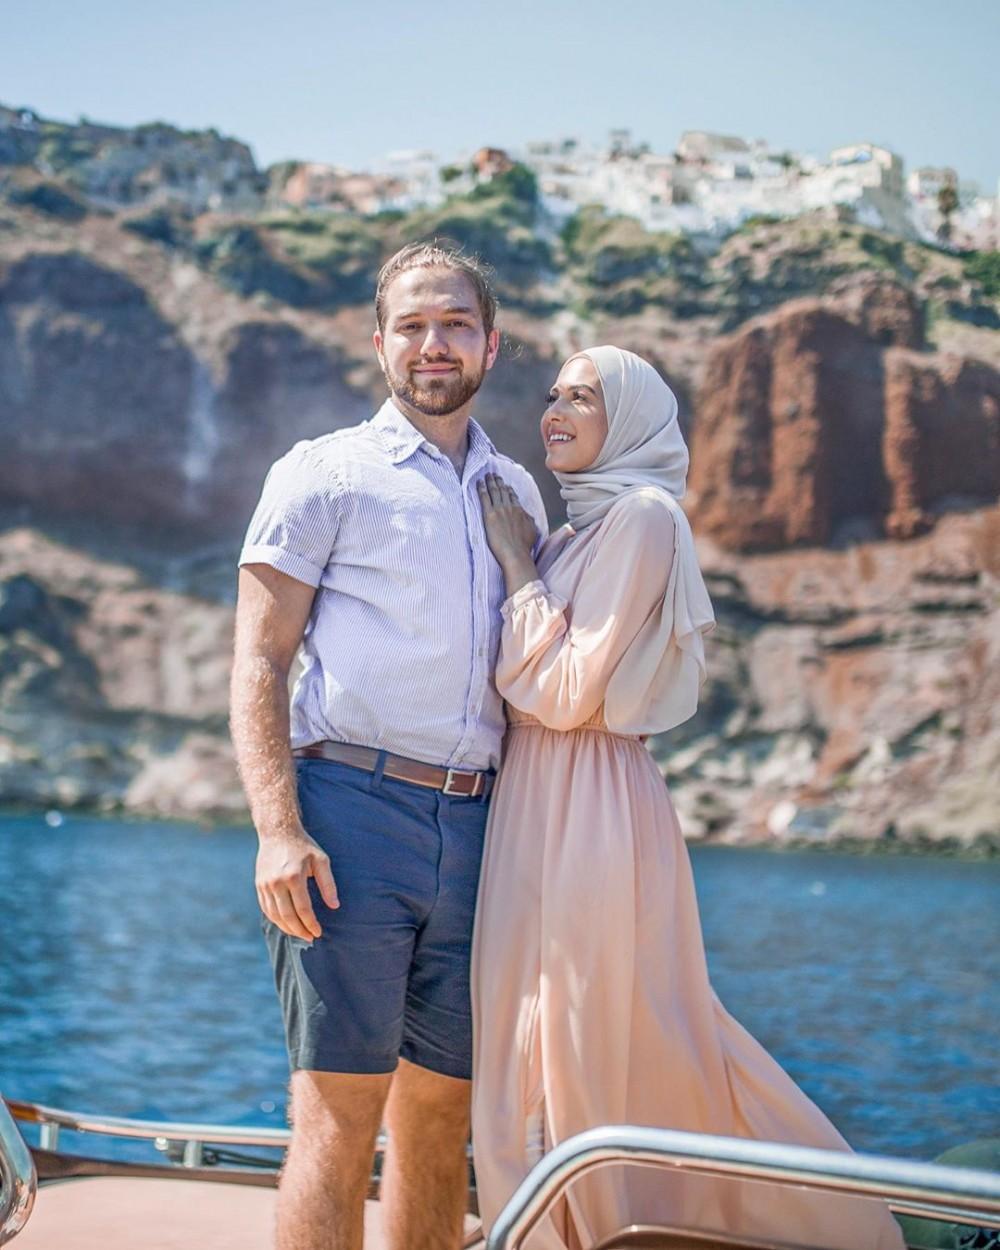 أزياء ناعمة للمحجبات لسفريات ذكرى الزواج